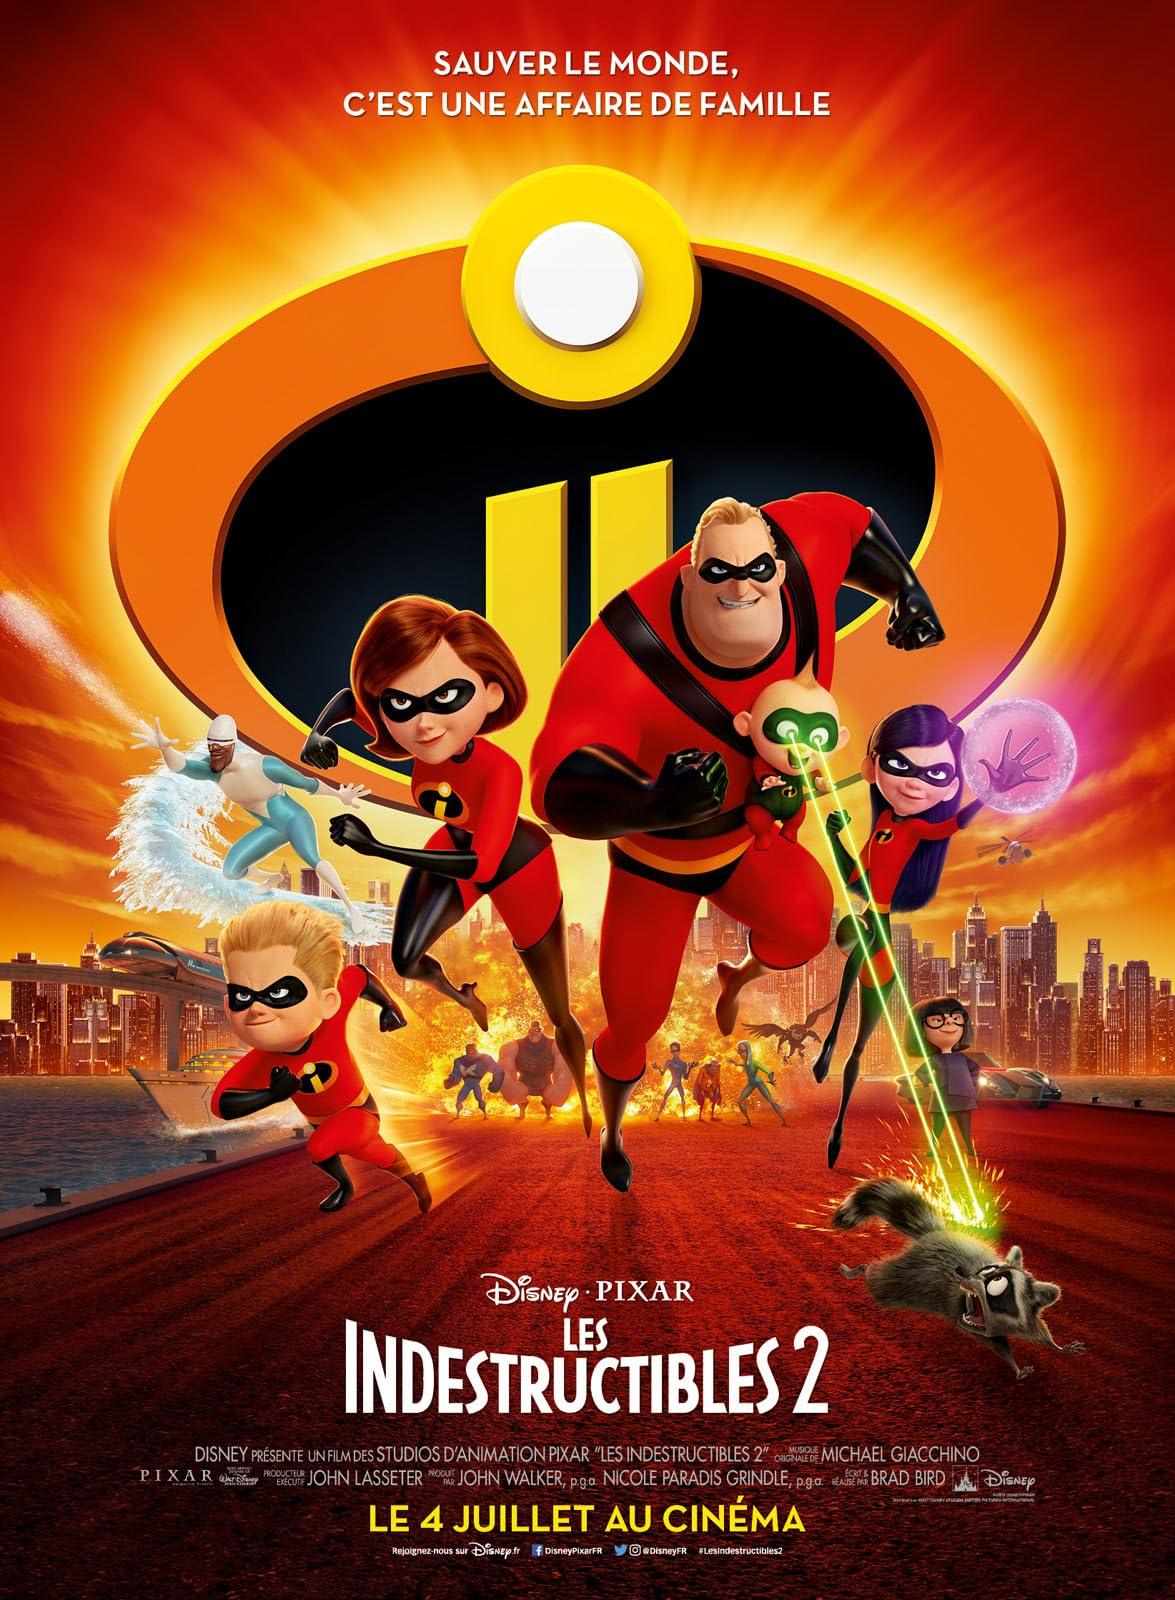 Incredibles 2 (2018) Hindi Dubbed